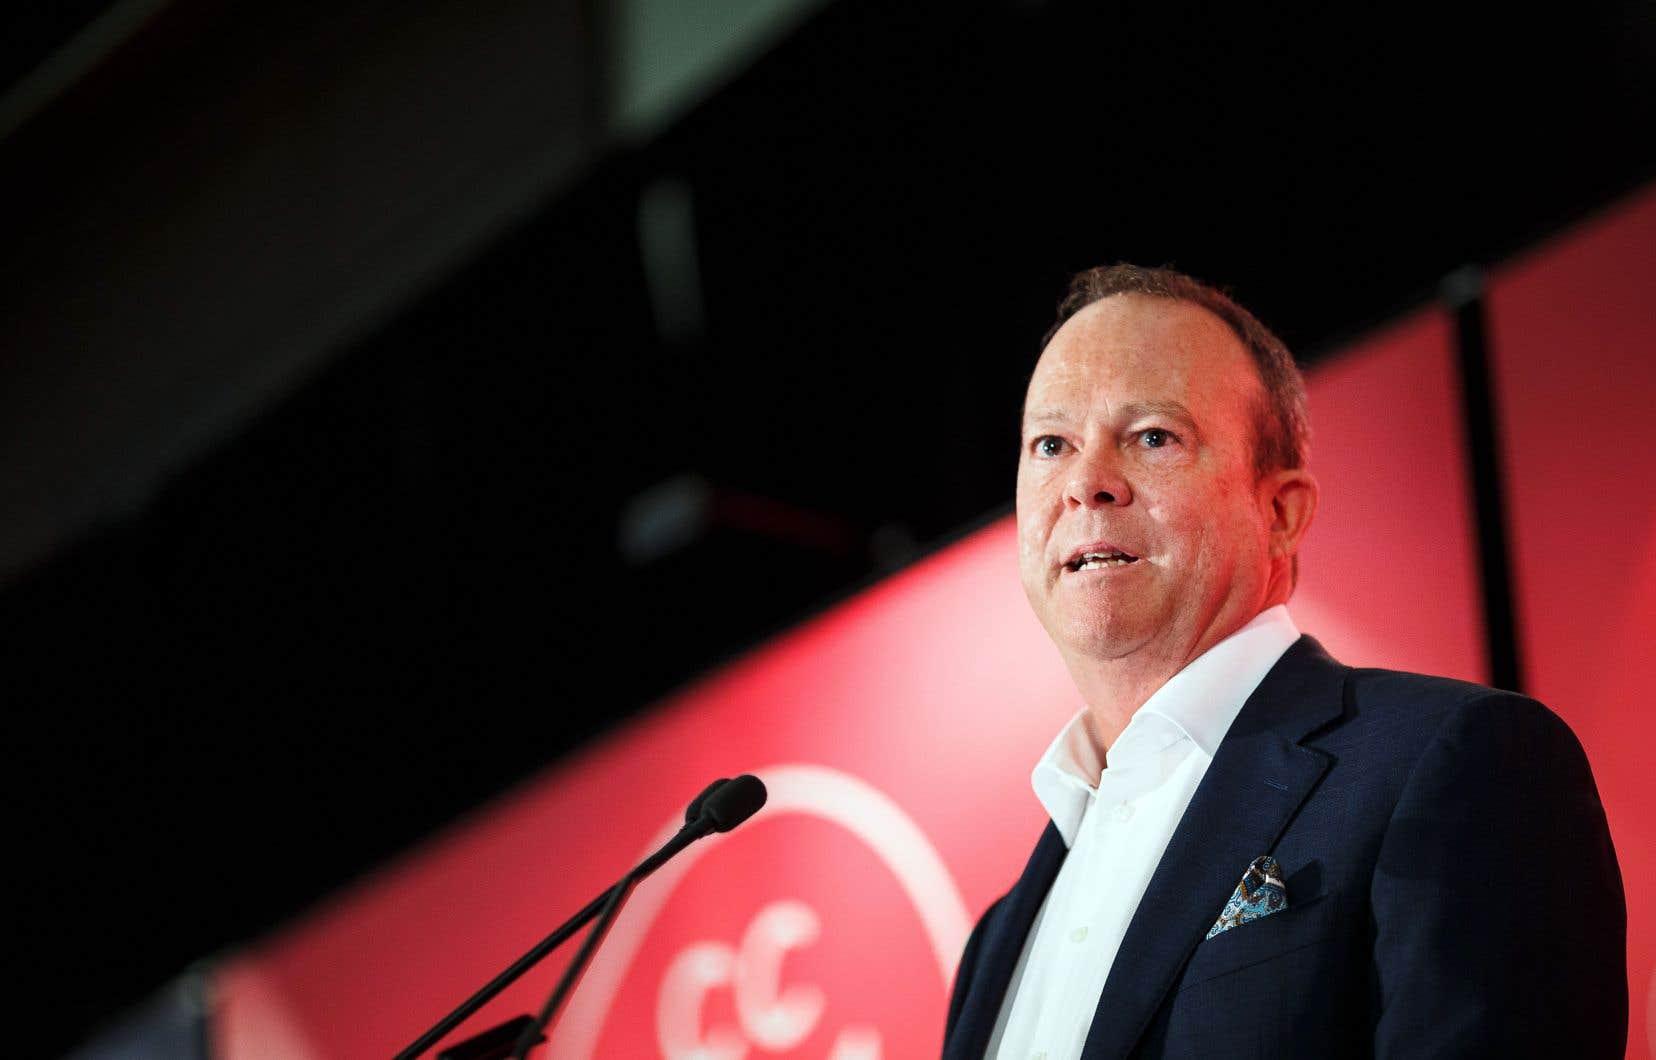 Michel Bissonnette souhaite un «changement de paradigme important» pour Tou.tv, vue comme une plateforme pour les contenus radio-canadiens.